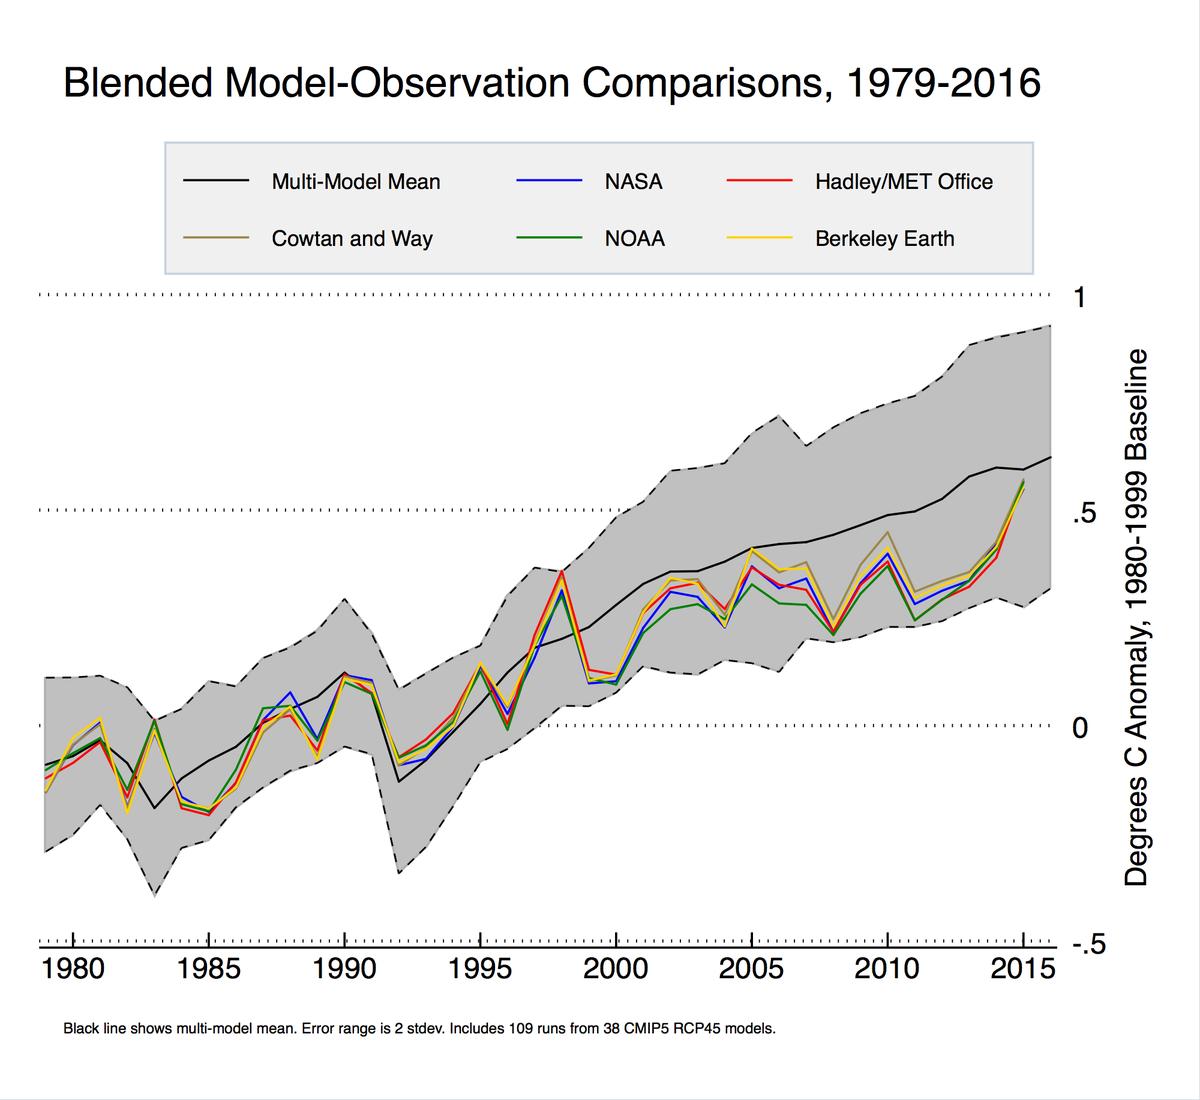 blended land/ocean model-observations comparisons